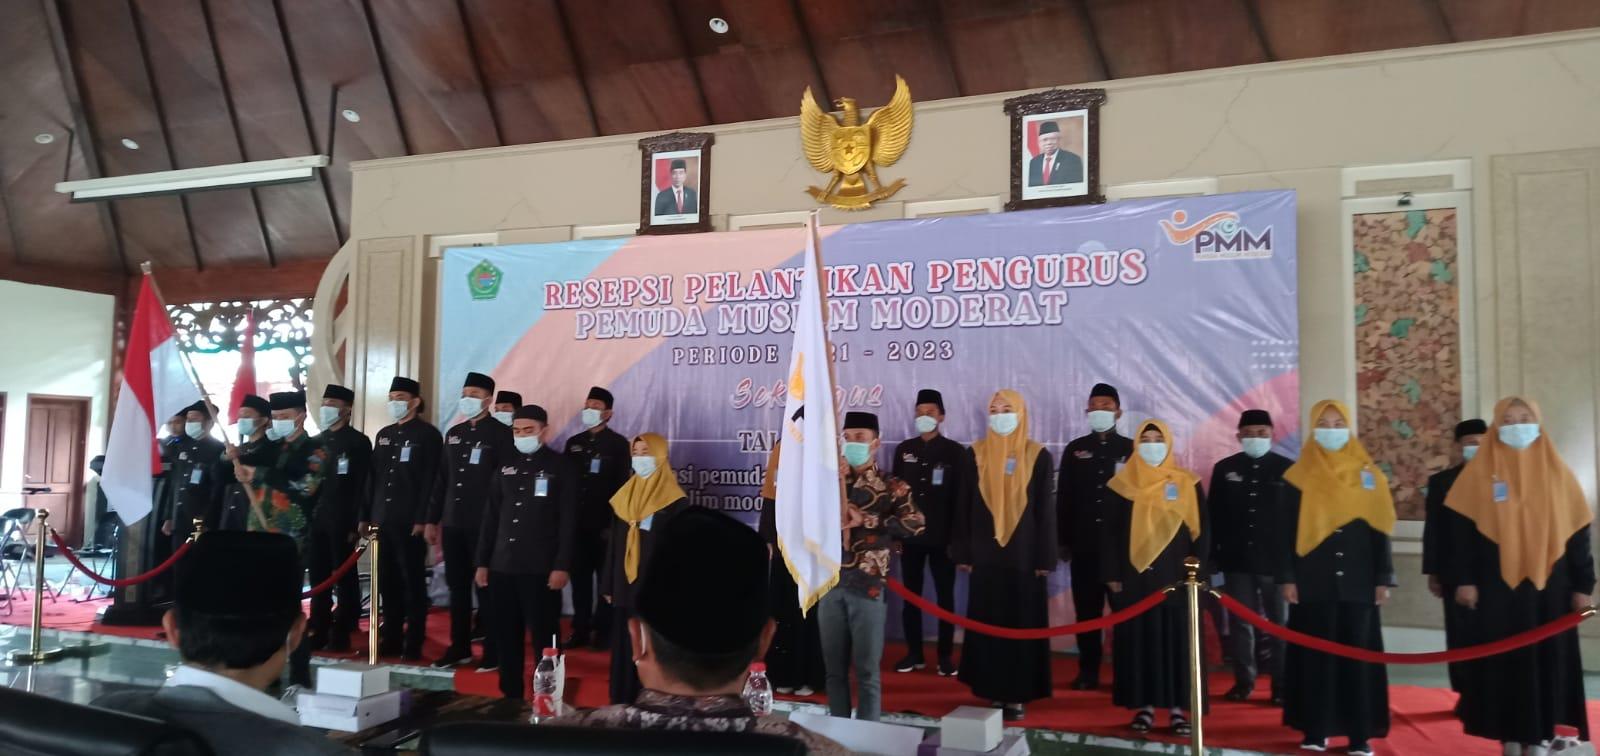 Dilantik Menjadi Ketua PMM Pamekasan, Moch. Bahtiar Fauzi Ajak Pengurus Mantapkan Niat Perjuangan